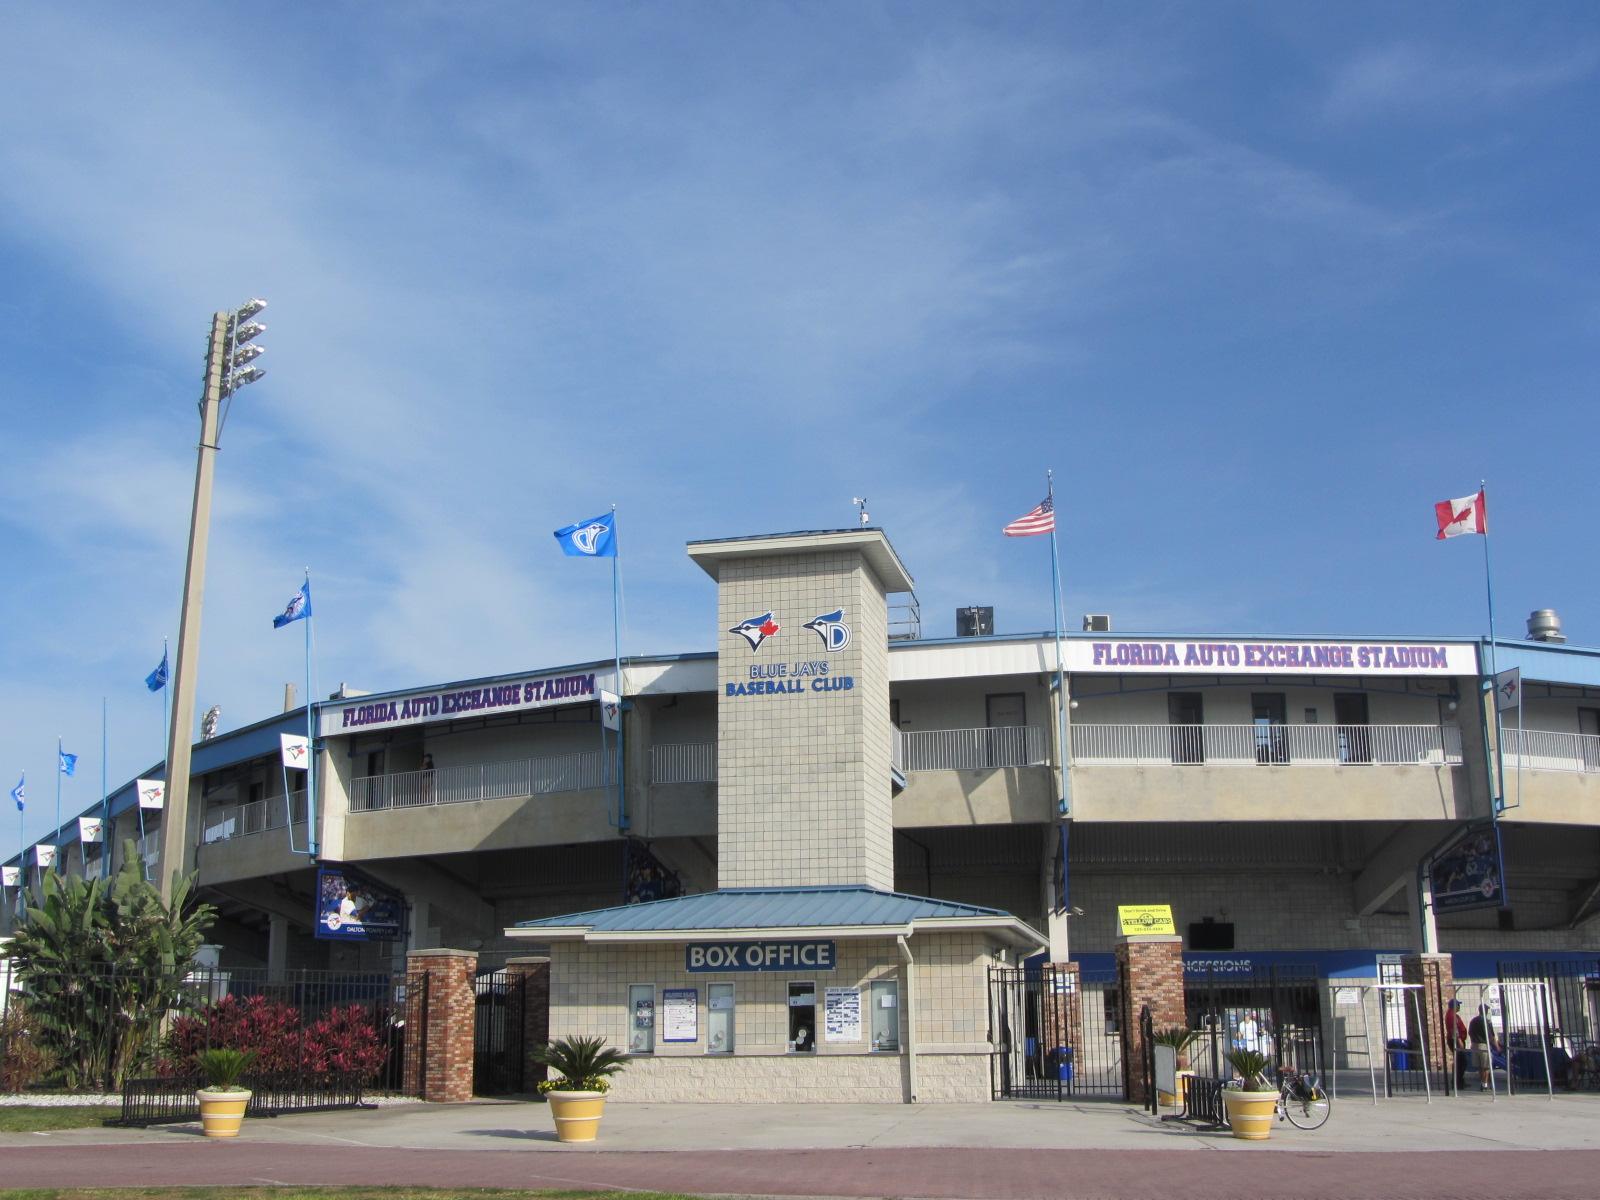 Florida Auto Exchange Stadium